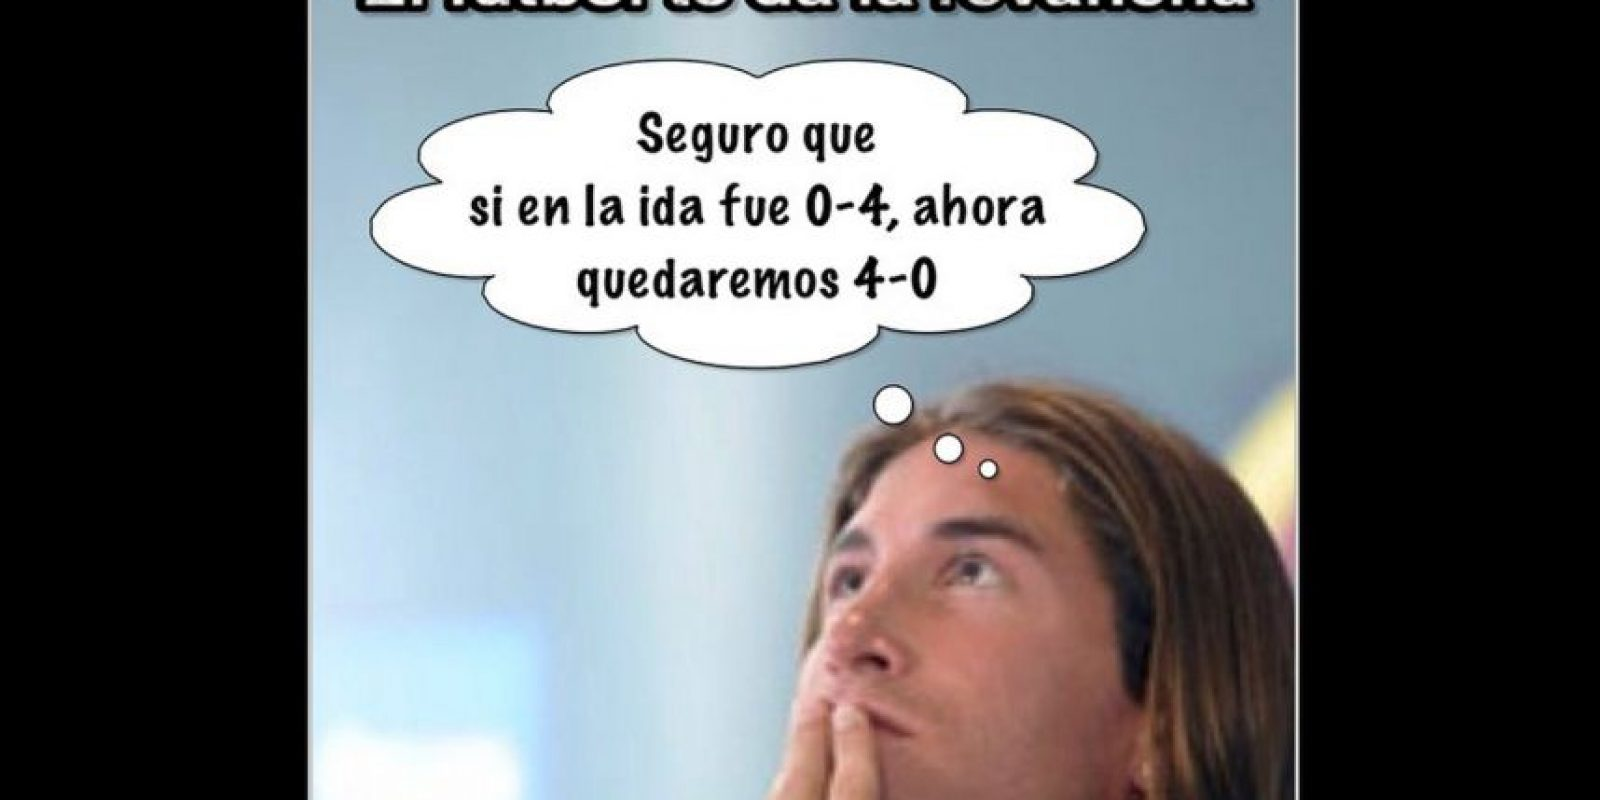 Foto:Vía twitter.com/odiolosvikingos